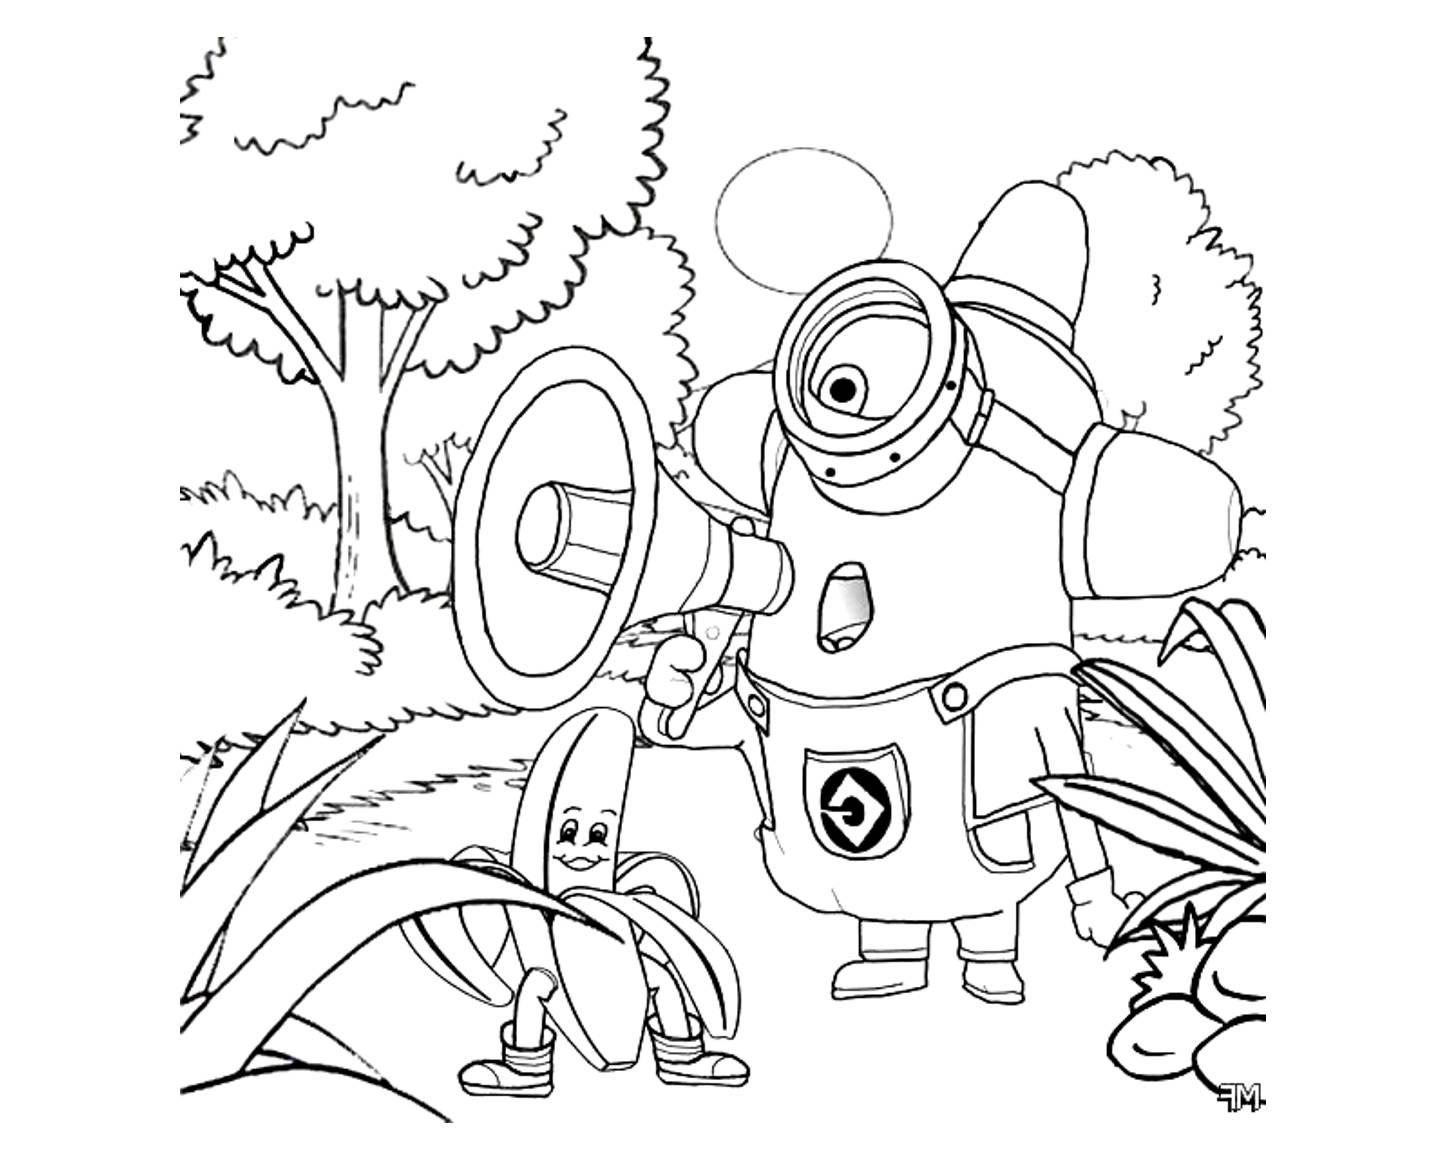 Dibujos Para Colorear De Los Minions Para Imprimir: 100 Dibujos De Minions Para Colorear